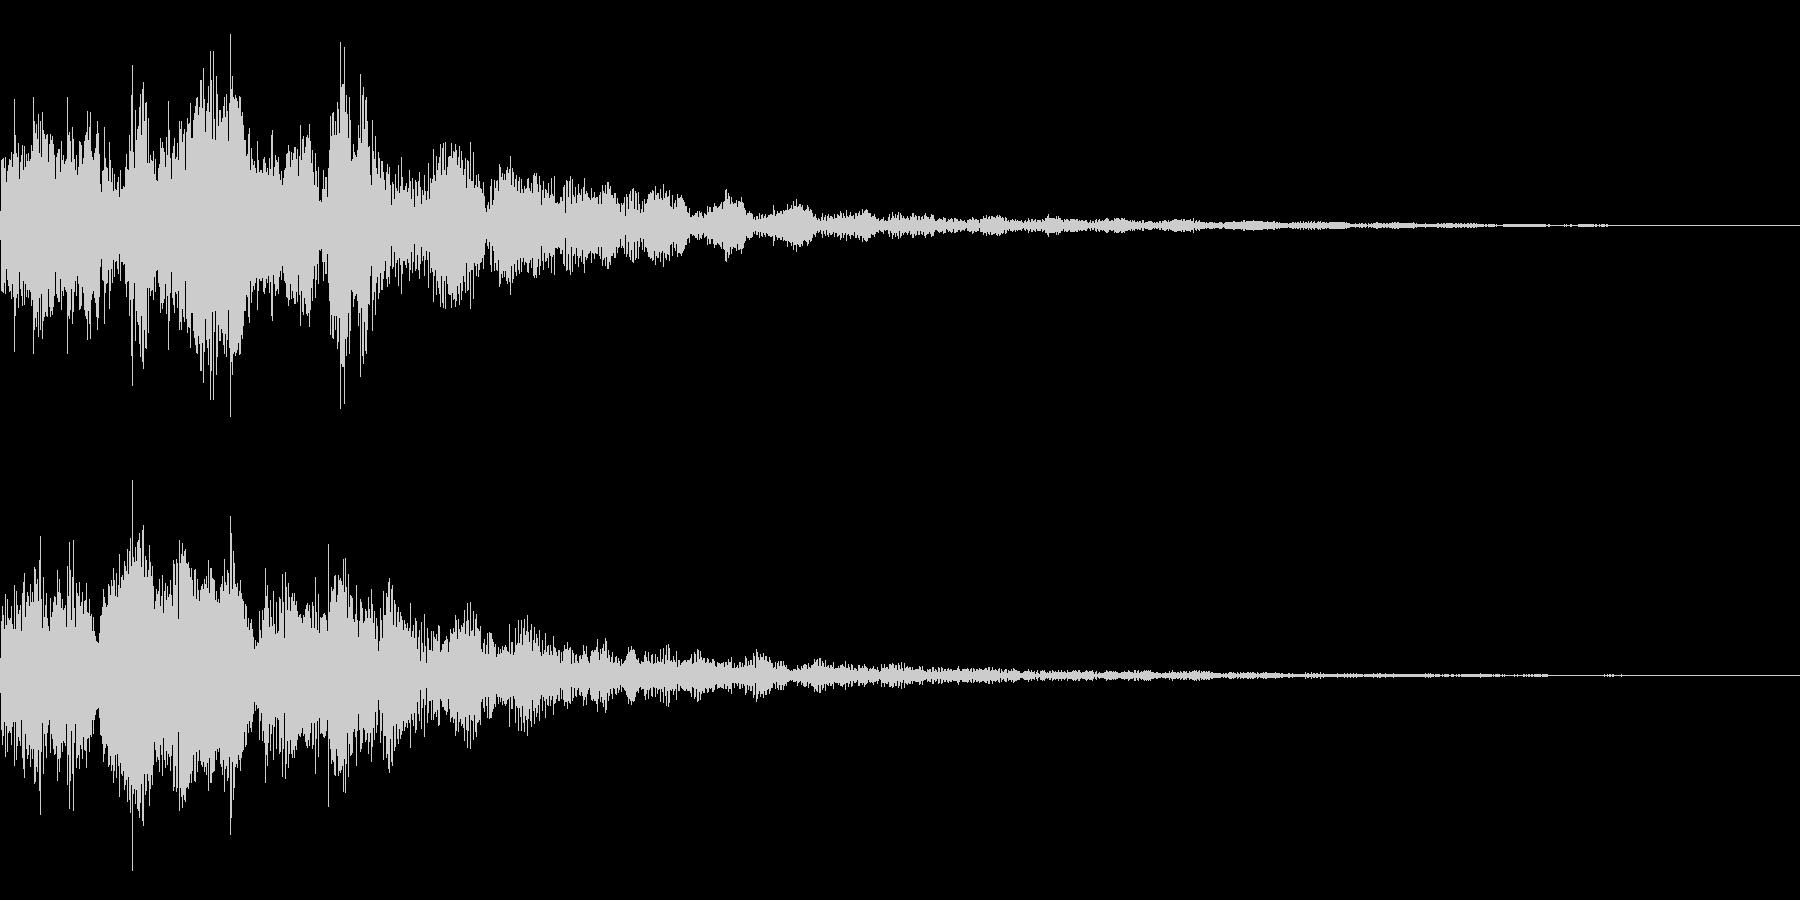 明るいテロップ音 ボタン音 決定音14bの未再生の波形